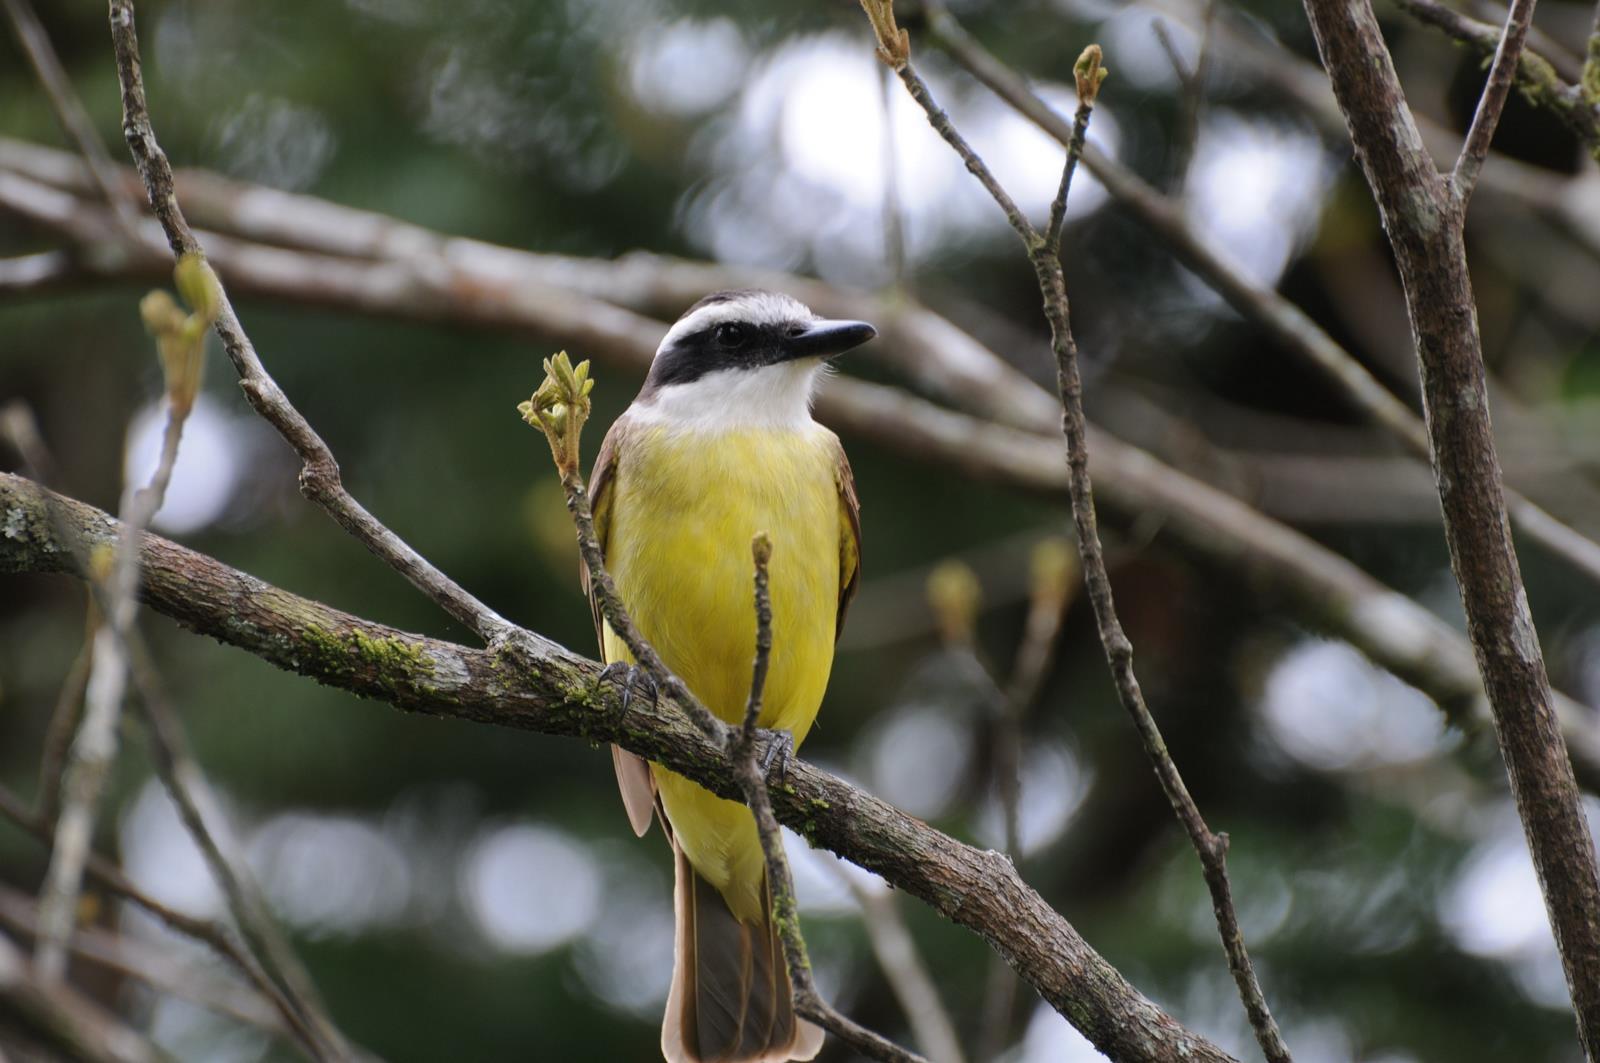 Animais - Pássaro - Bemtevi - Sustentabilidade